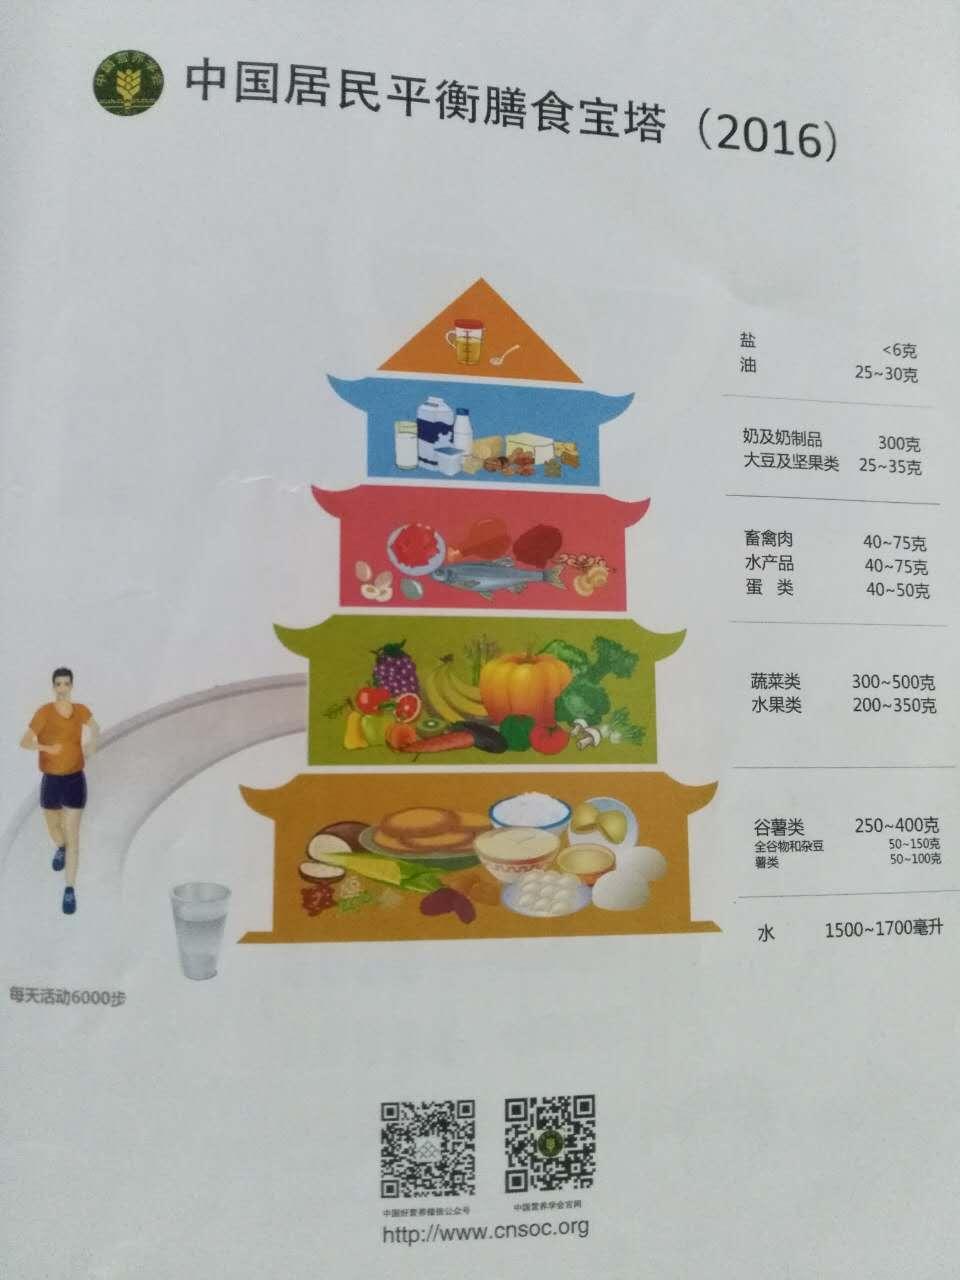 年中国居民平衡膳食宝塔